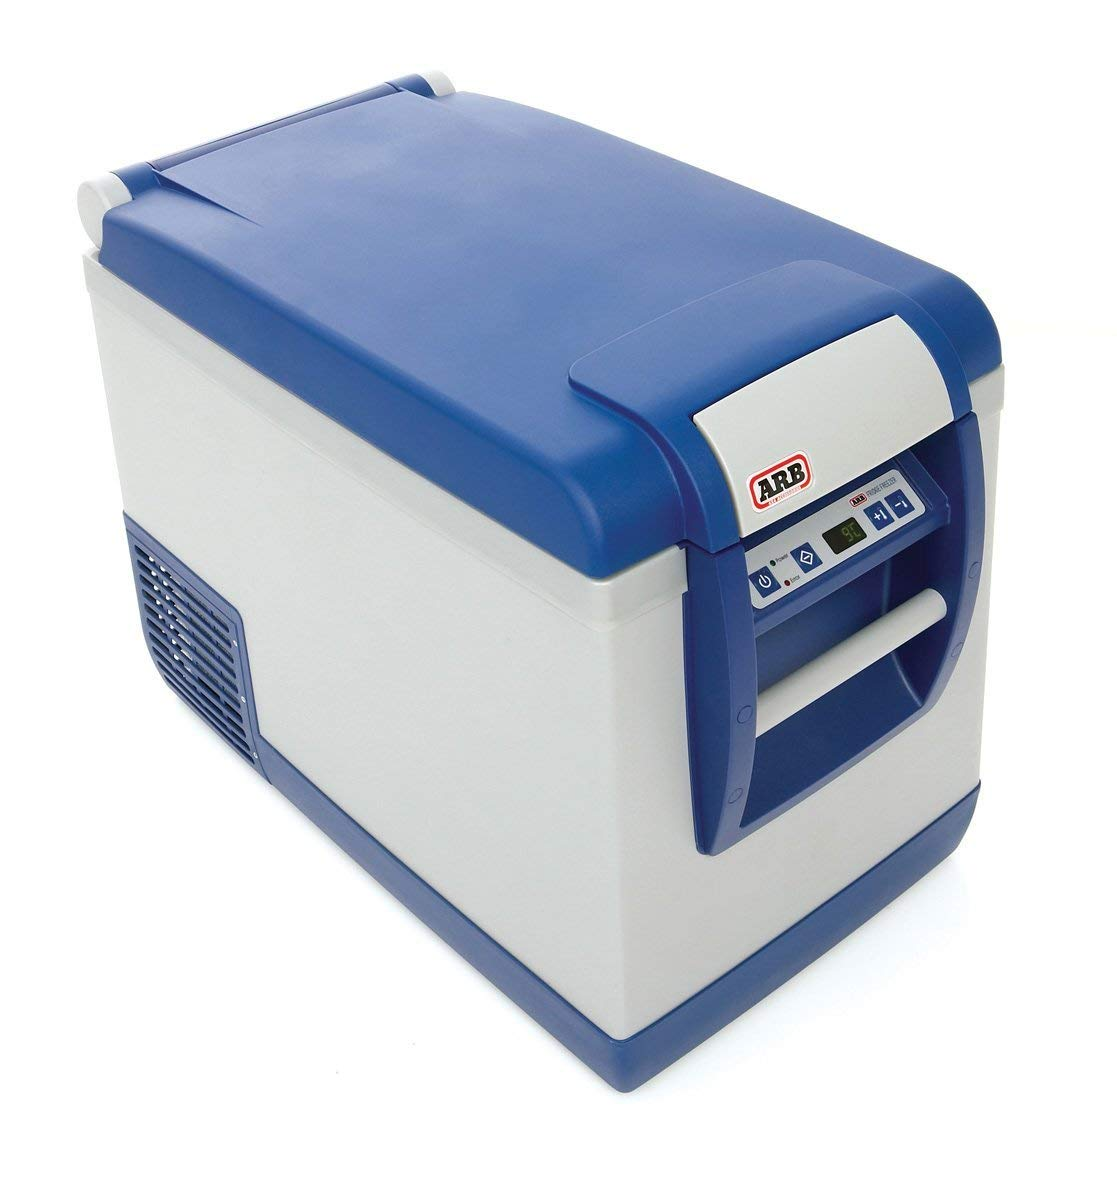 ARB Portable Fridge Freezer 50 Quarts Electric Powered 12V/110V For Car, Boat, Truck, SUV, RV, Home Classic Series I (50 Quart)